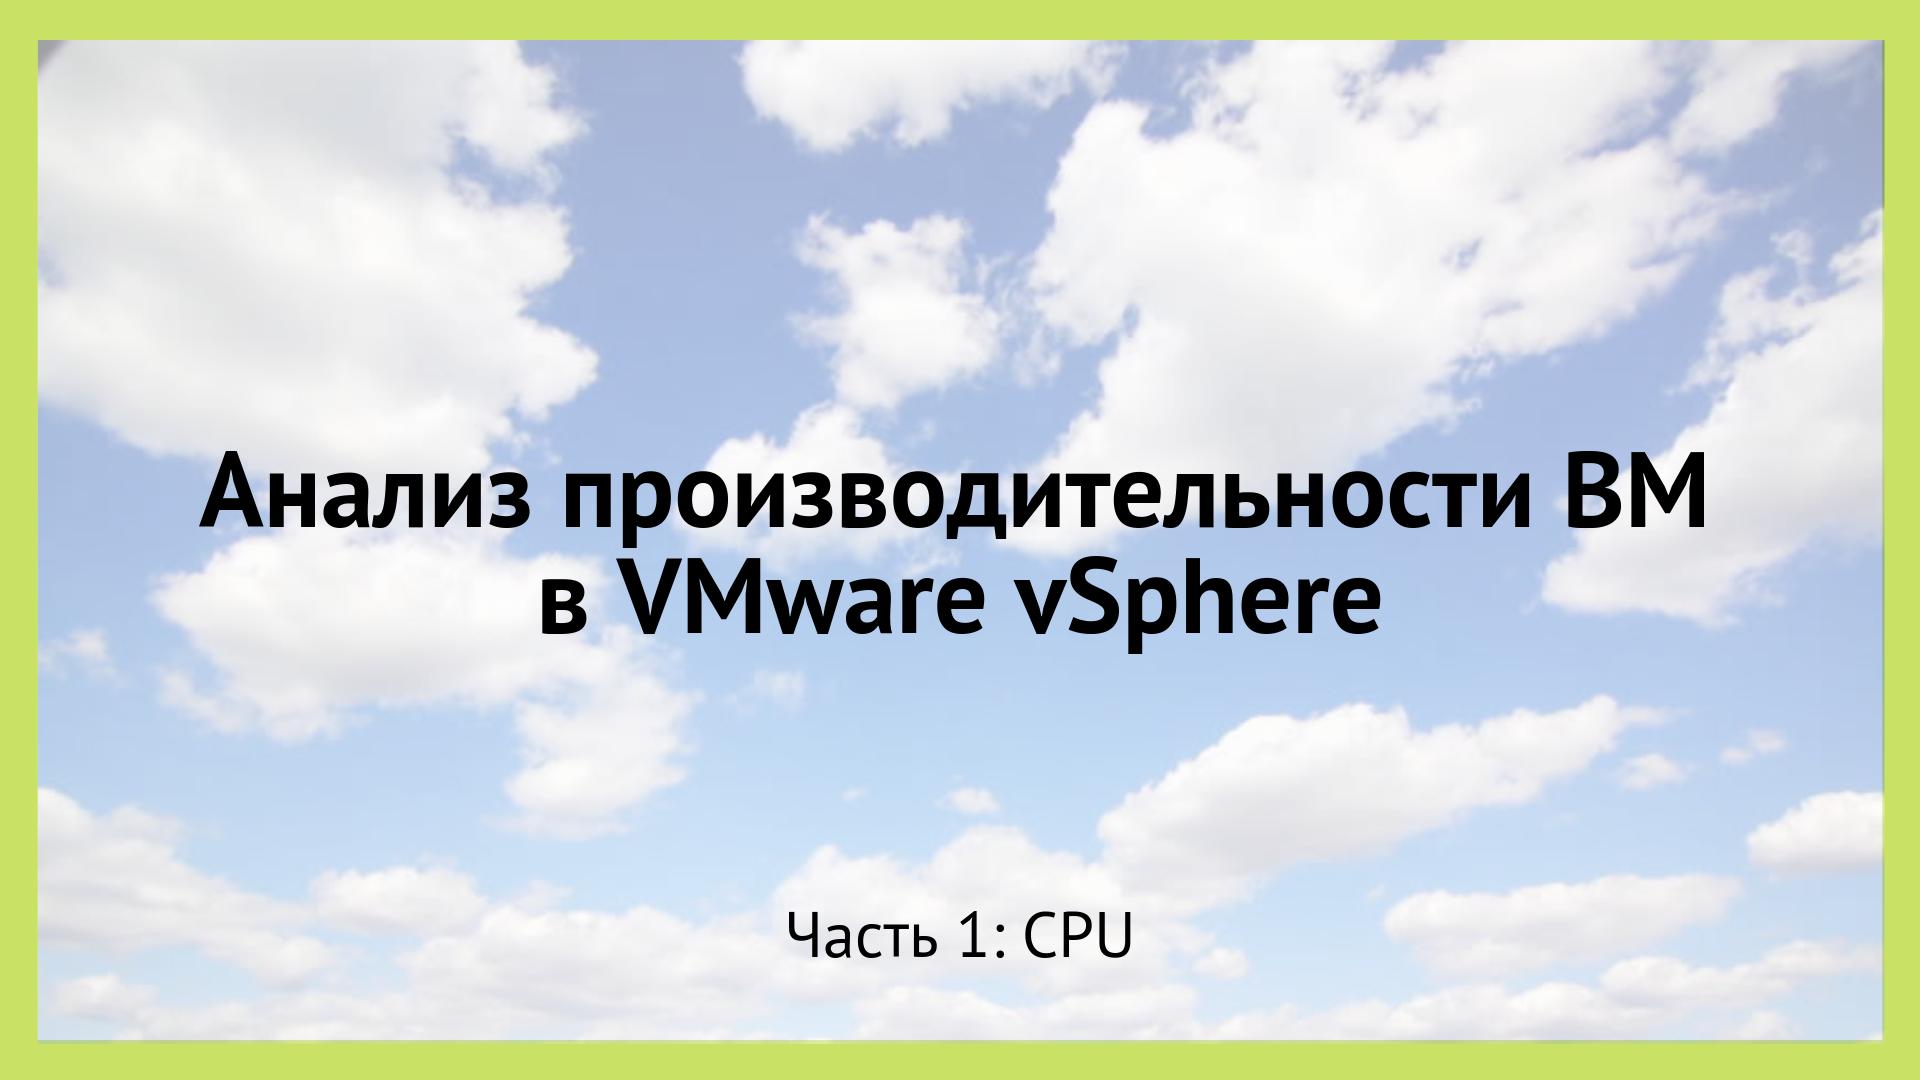 Анализ производительности виртуальной машины в VMware vSphere. Часть 1: CPU - 1